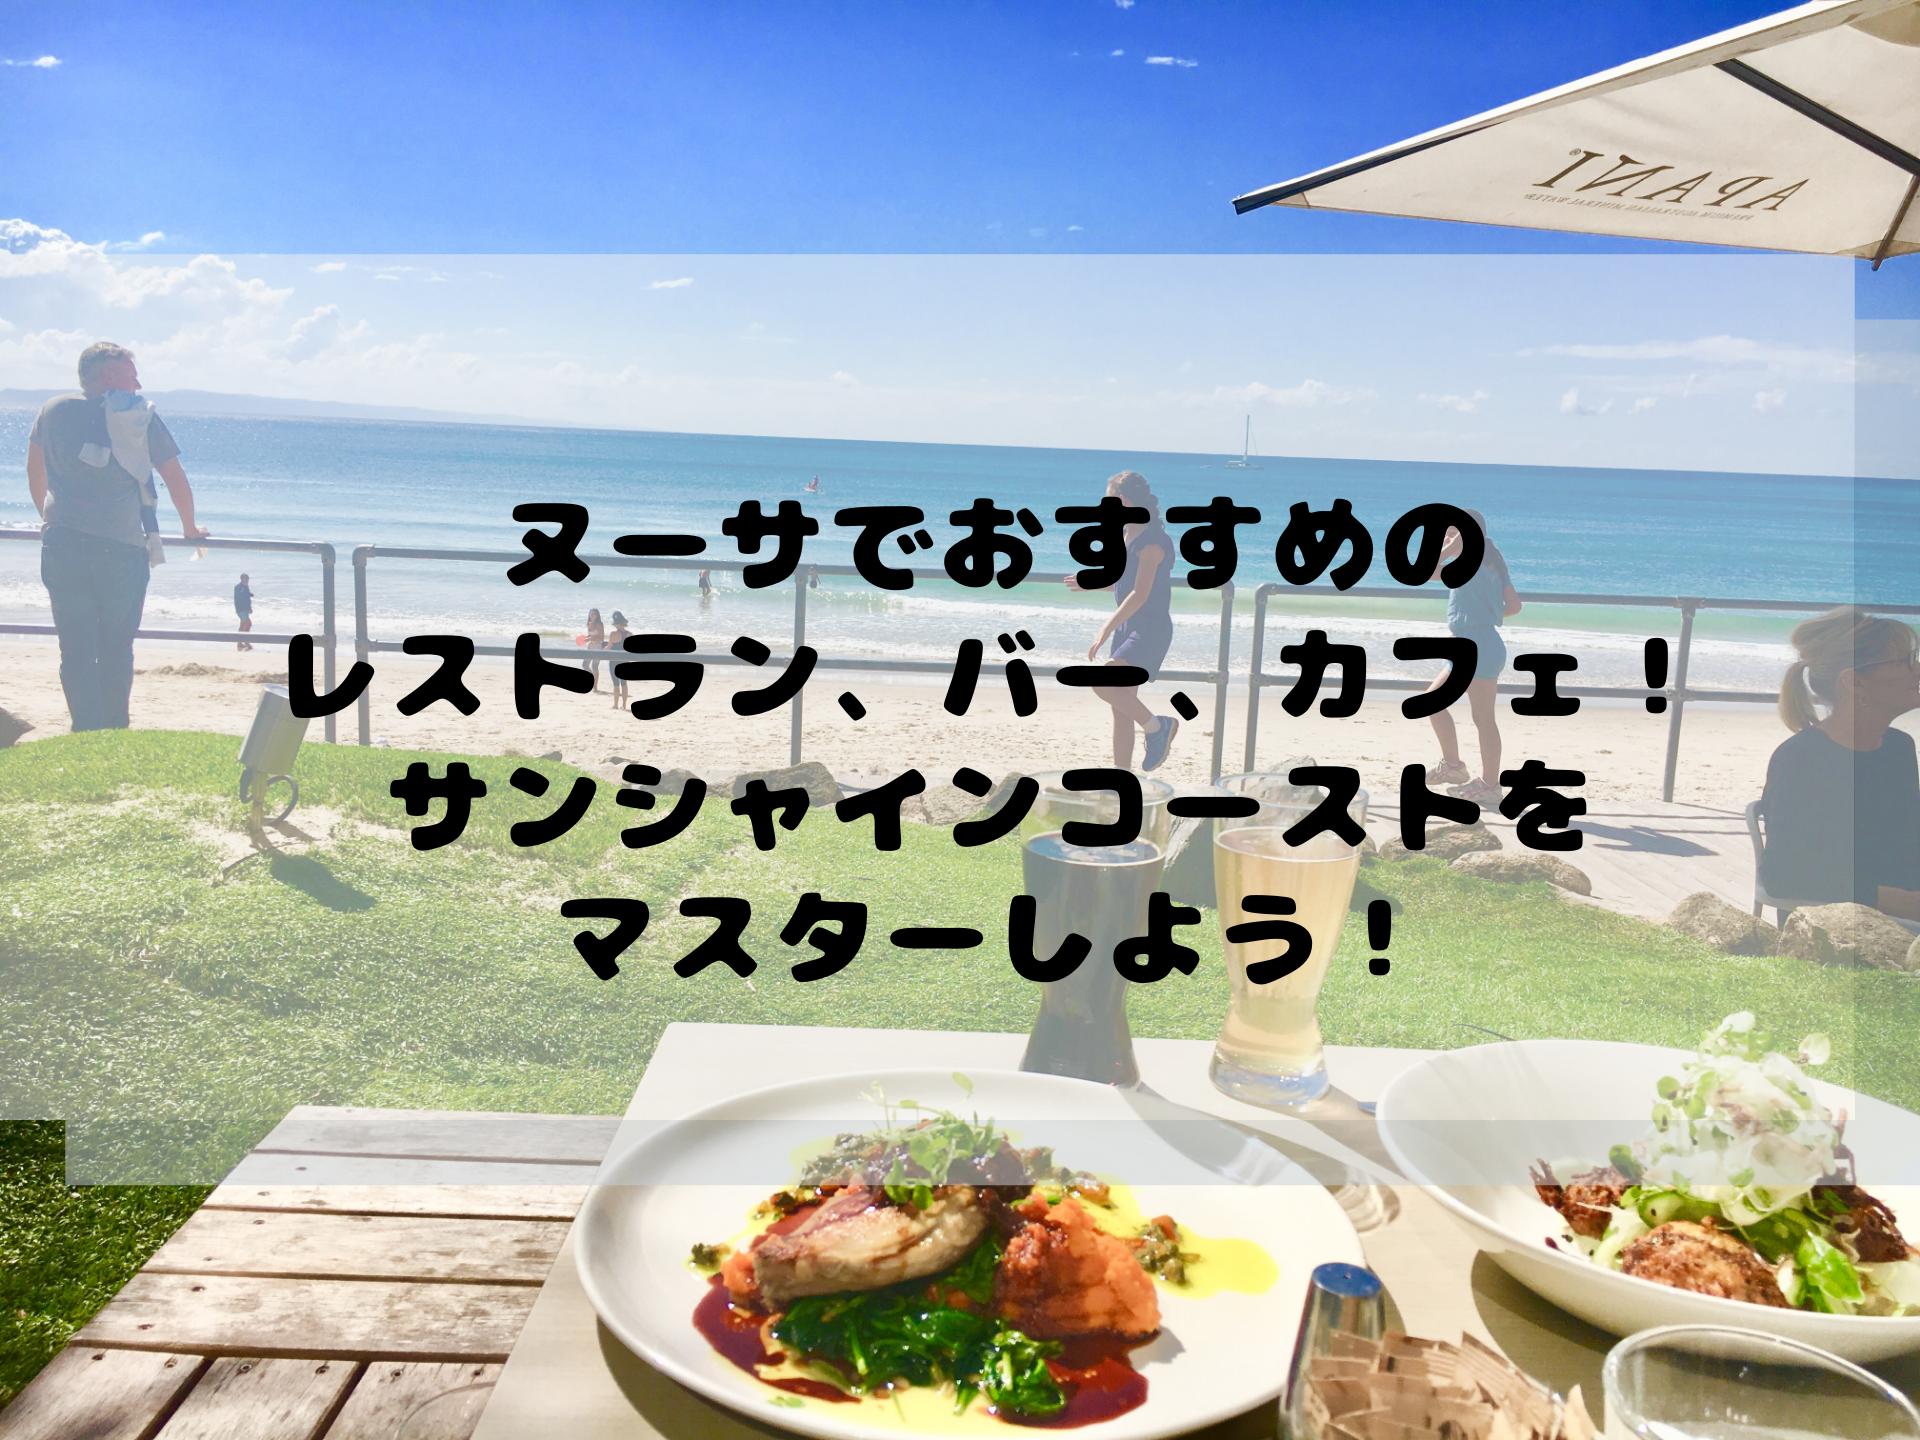 ヌーサ おすすめの レストラン、バー、カフェ紹介!